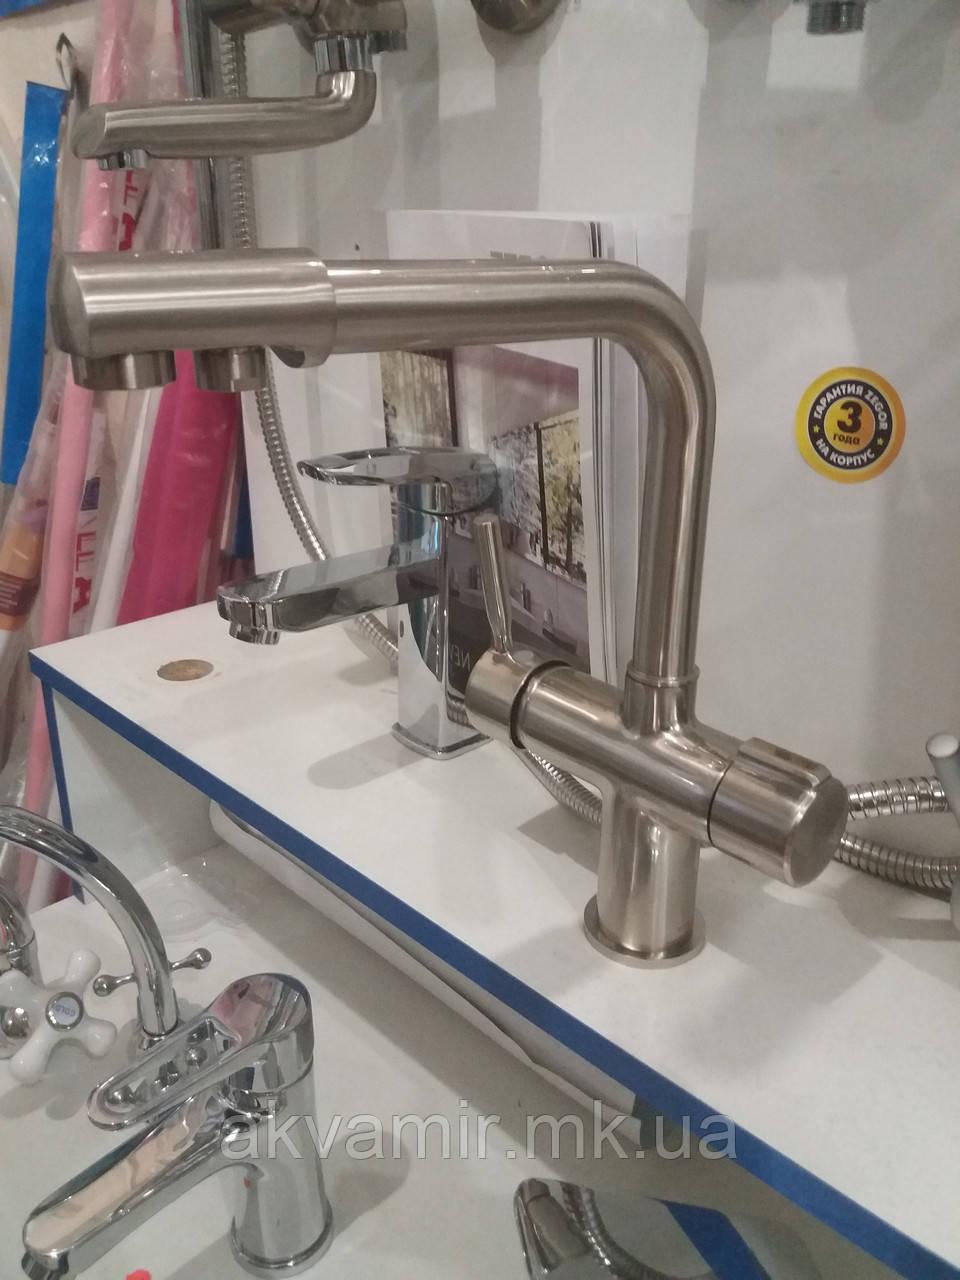 Смеситель для кухни и фильтра HAIBA HANS  нержавеющая сталь